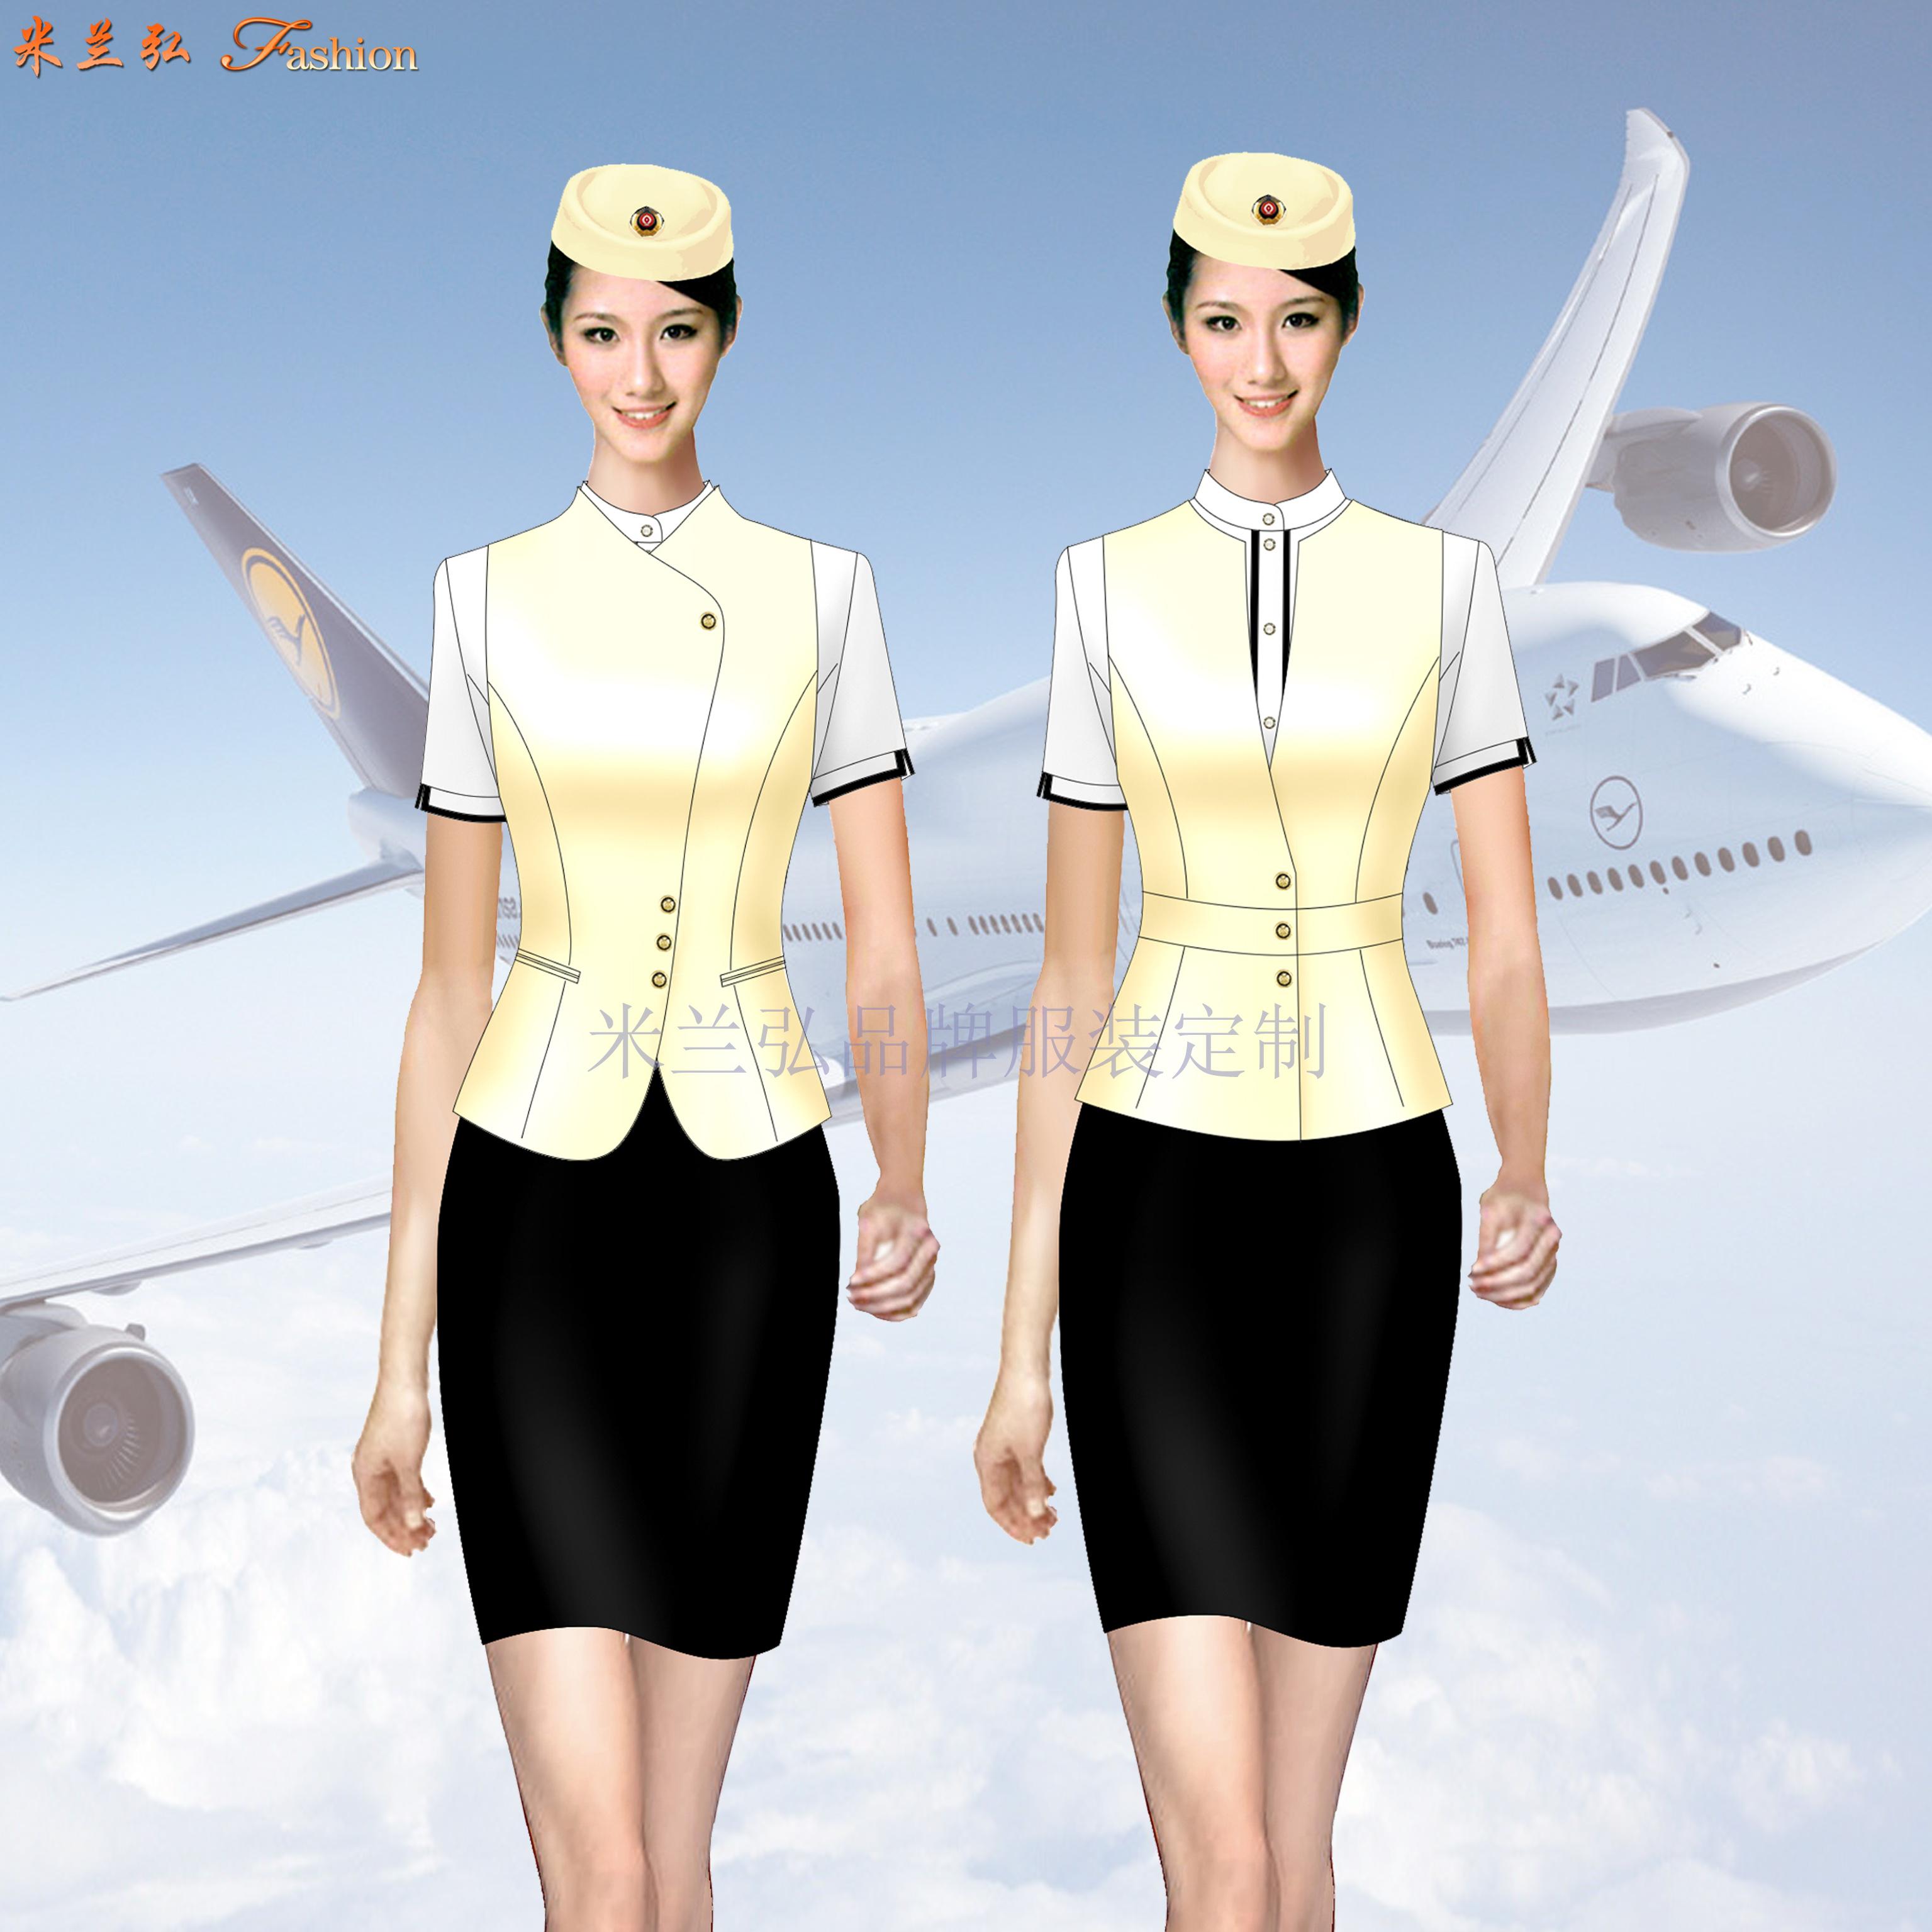 「夏季空姐服」批發定做空姐服夏季短袖套裝廠家-米蘭弘服裝-4